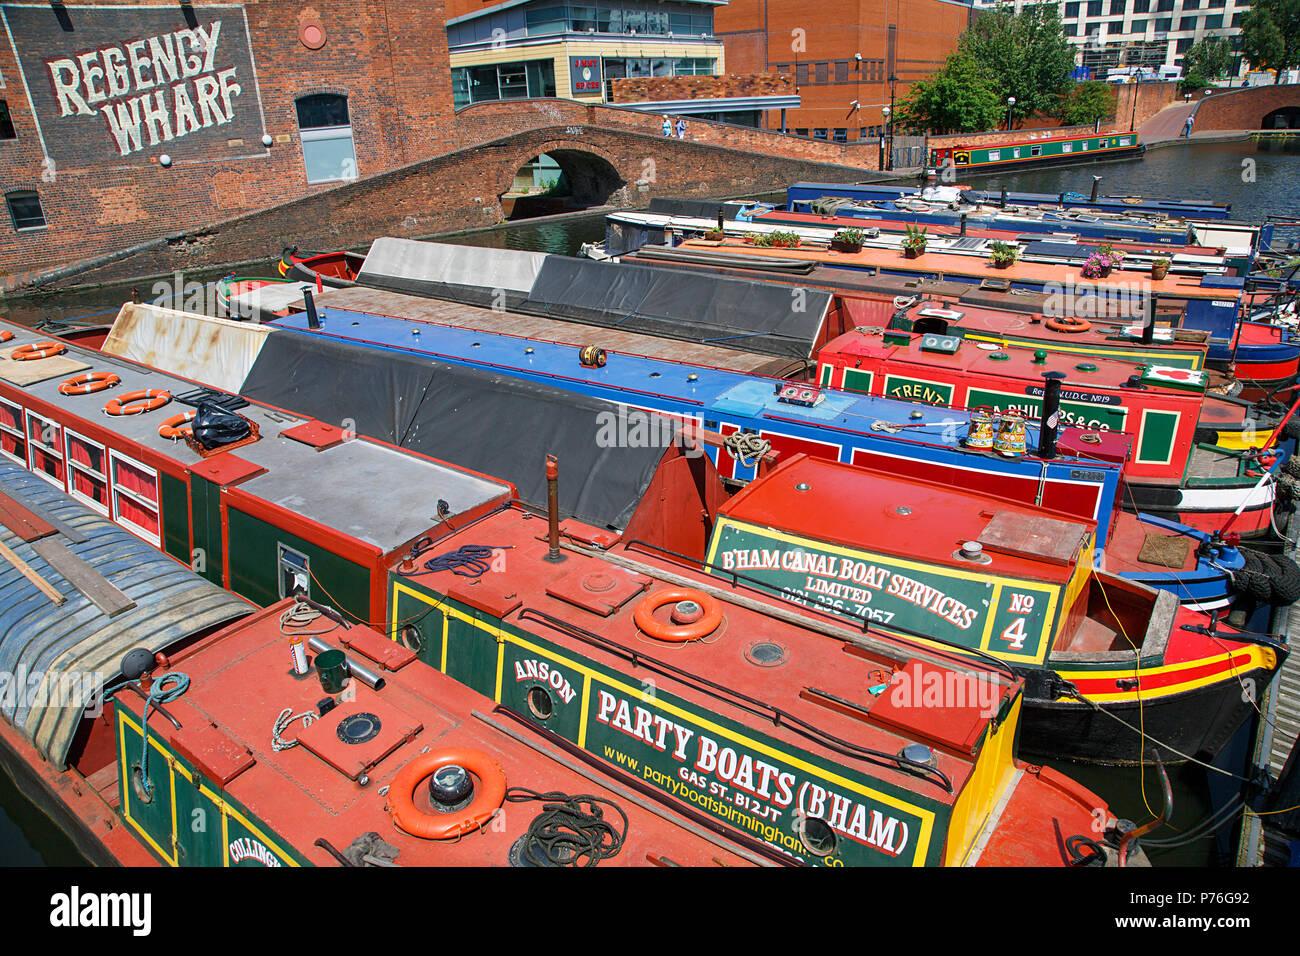 Birmingham, Vereinigtes Königreich: 29. Juni 2018: Regency Wharf bei Gas Street Basin. Die wiederhergestellten Kanalsystem in Birmingham Central ist ein National Heritage Landmark. Stockbild